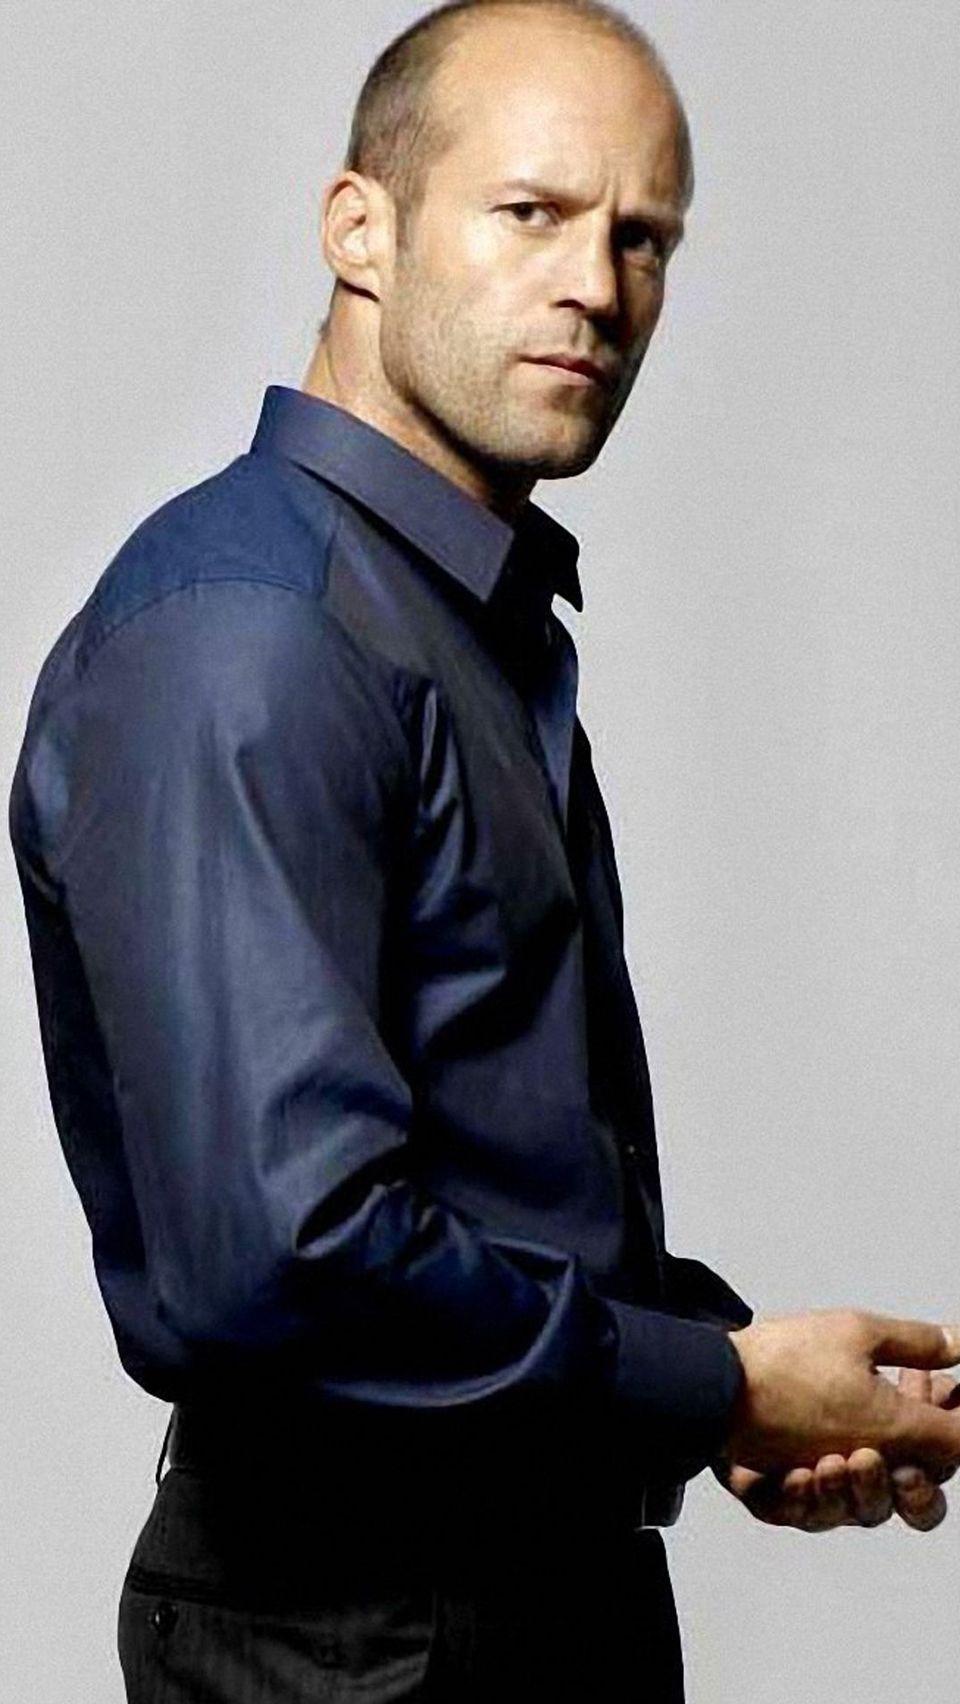 Jason Statham (born 1967)